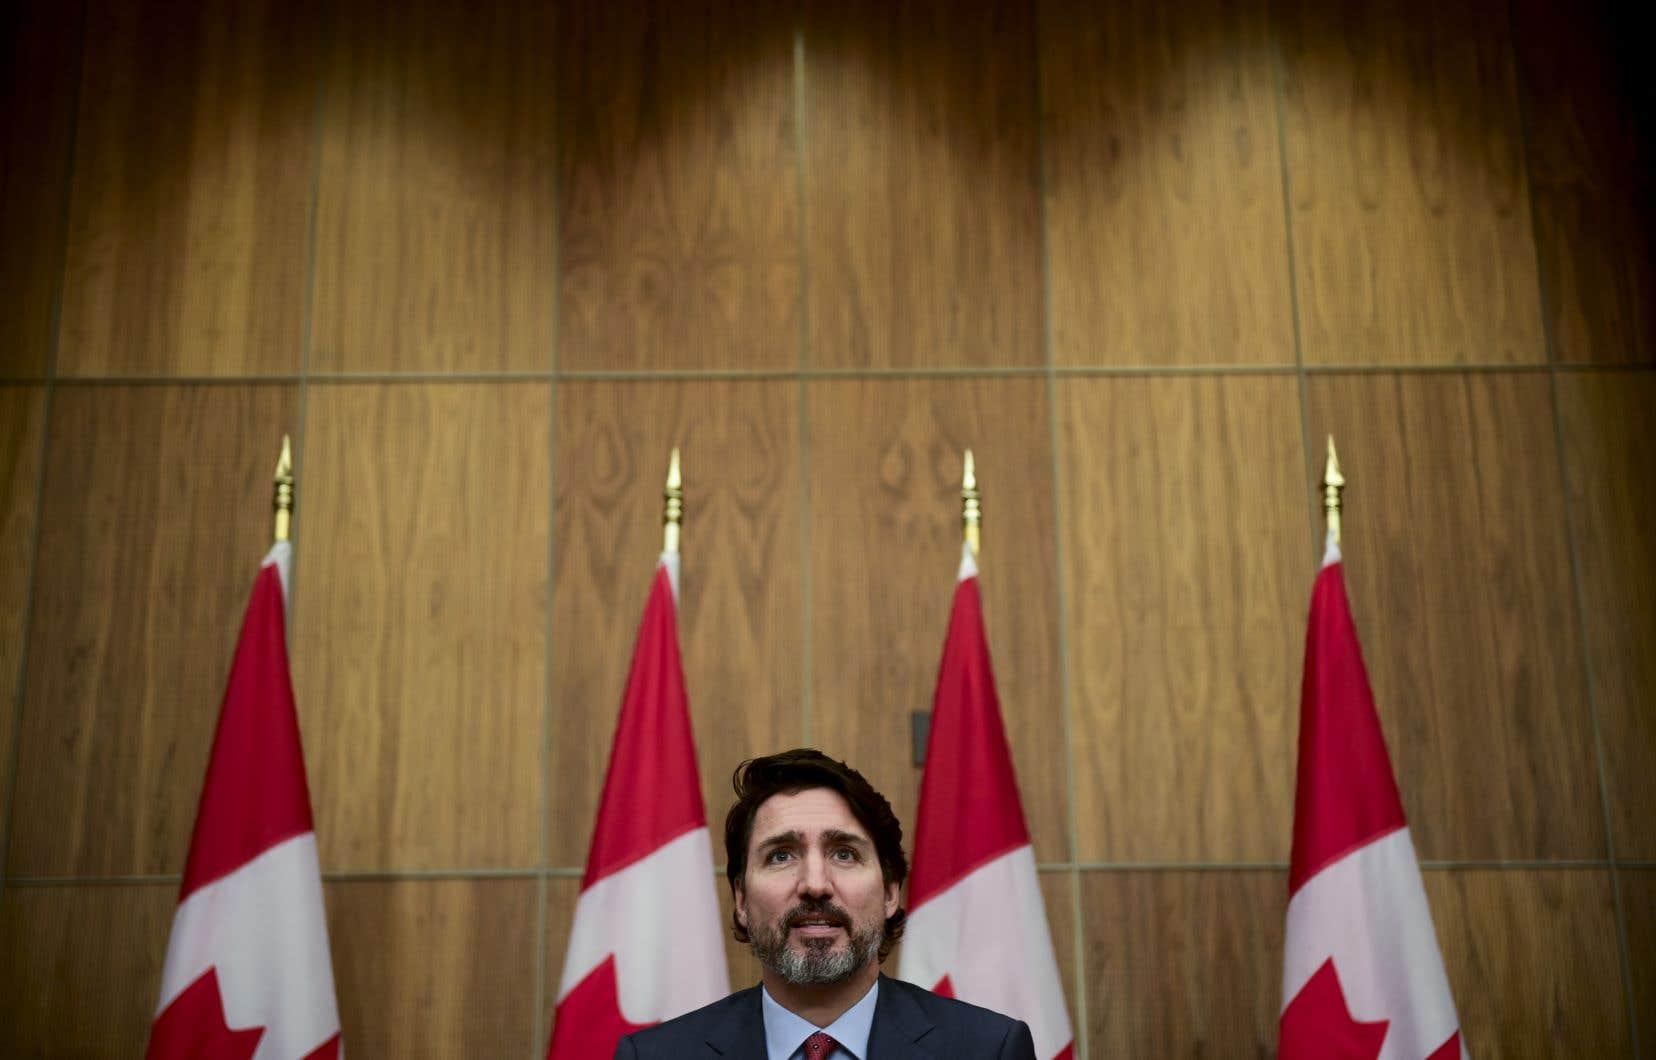 Jeudi, le gouvernement Trudeau a annoncé qu'il faciliterait l'entrée au Canada et l'obtention de la résidence permanente pour certains jeunes Hongkongais récemment diplômés.